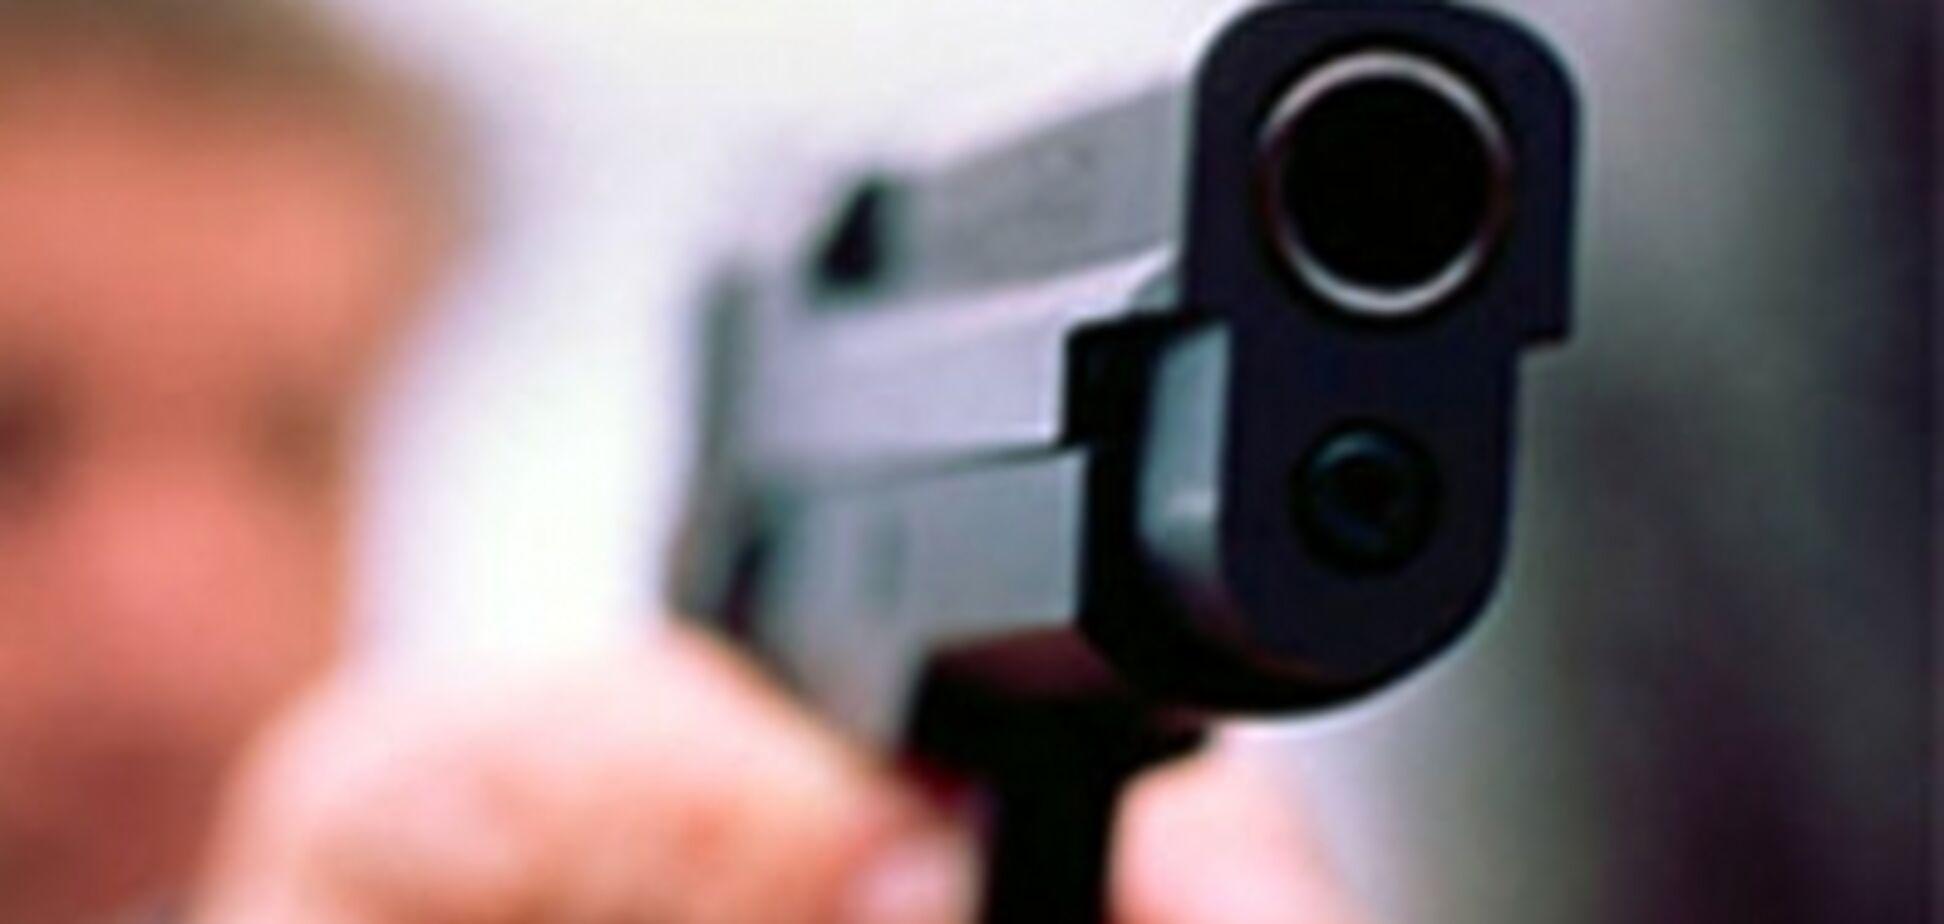 У Херсоні розстріляли відомого бізнесмена: оголошено план 'Сирена'